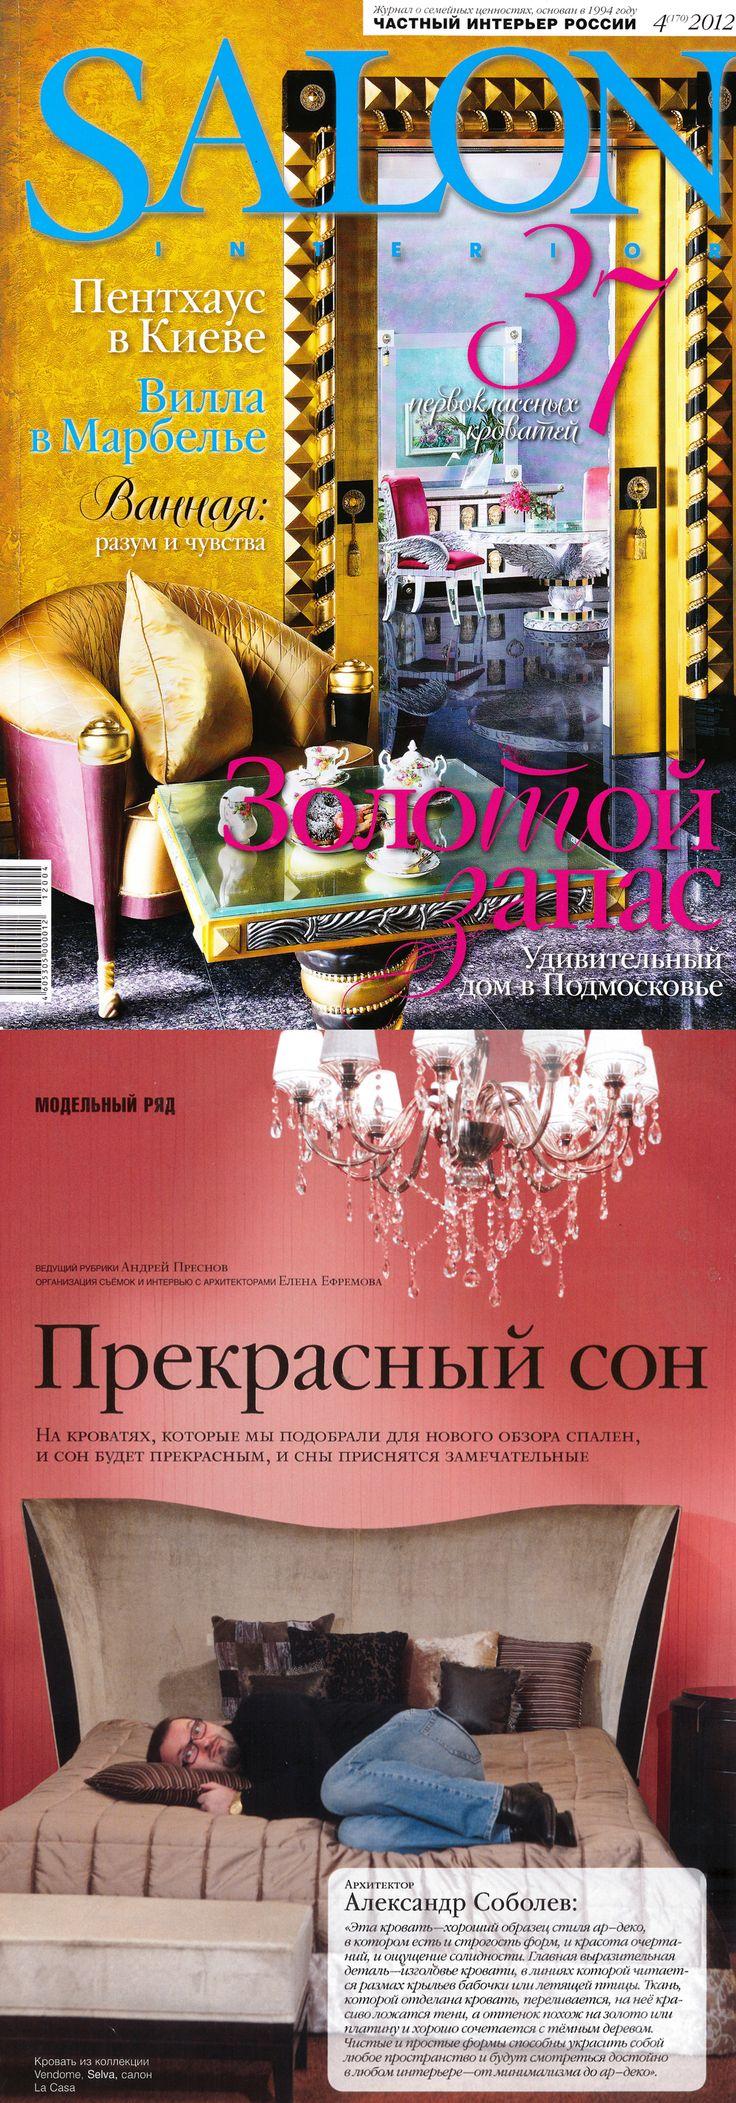 Salon Magazine, Russia - April 2012